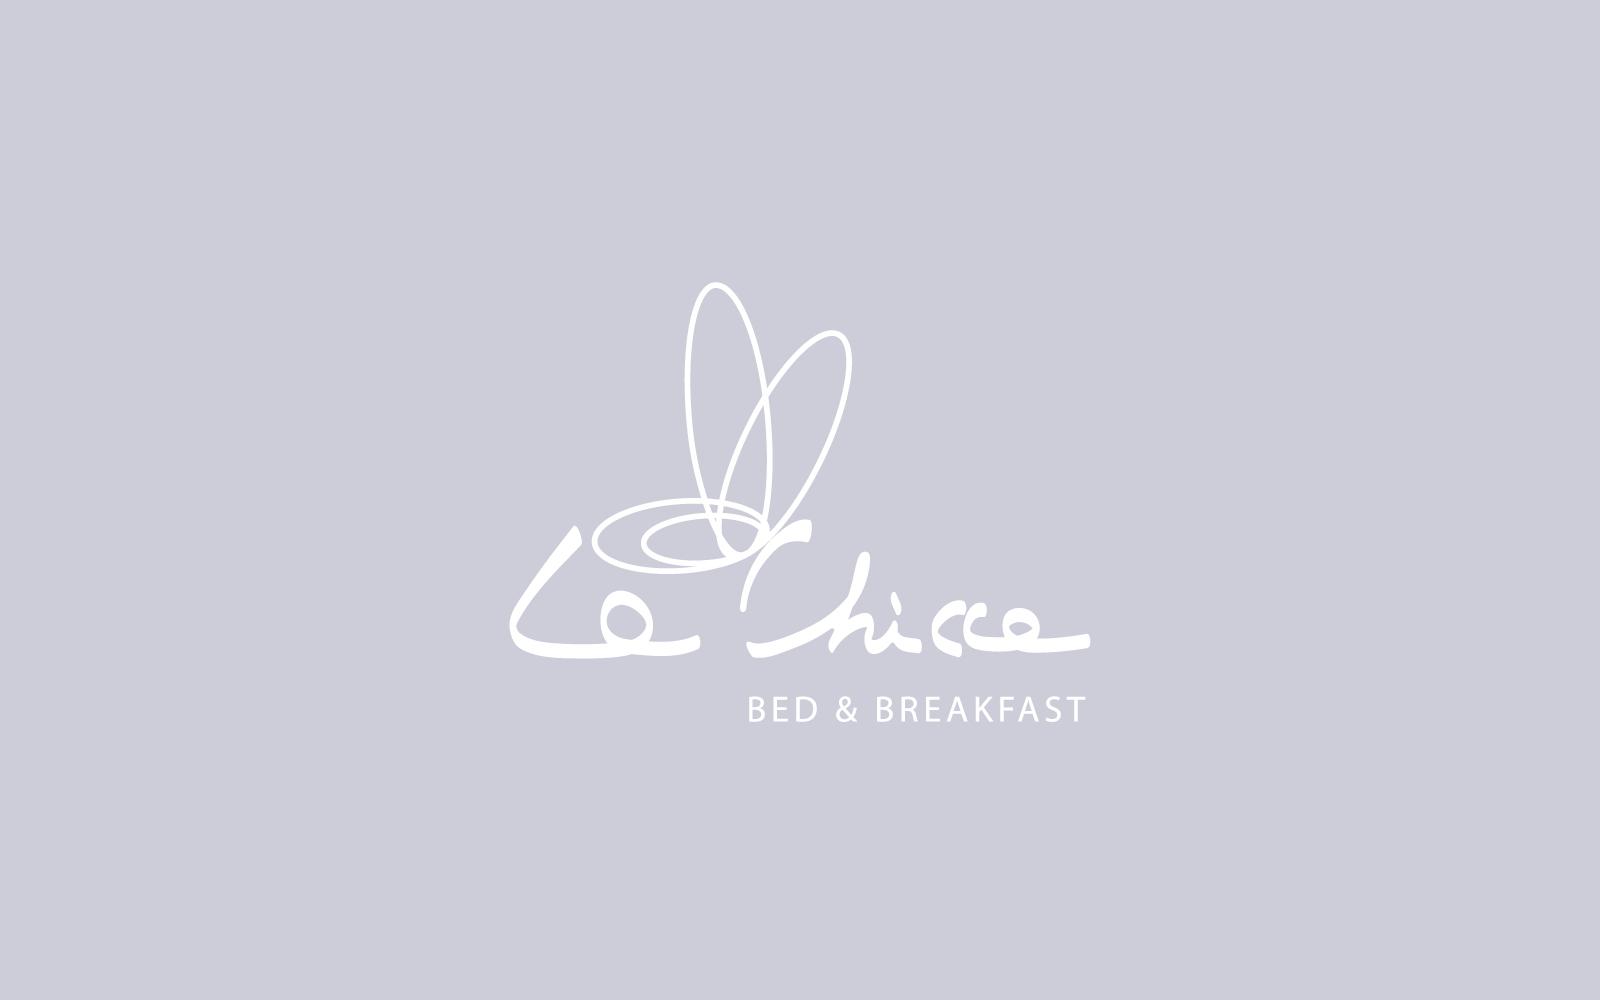 dettaglio colore del progetto del marchio per B&B realizzato dalla agenzia grafica Diade studio di Trento